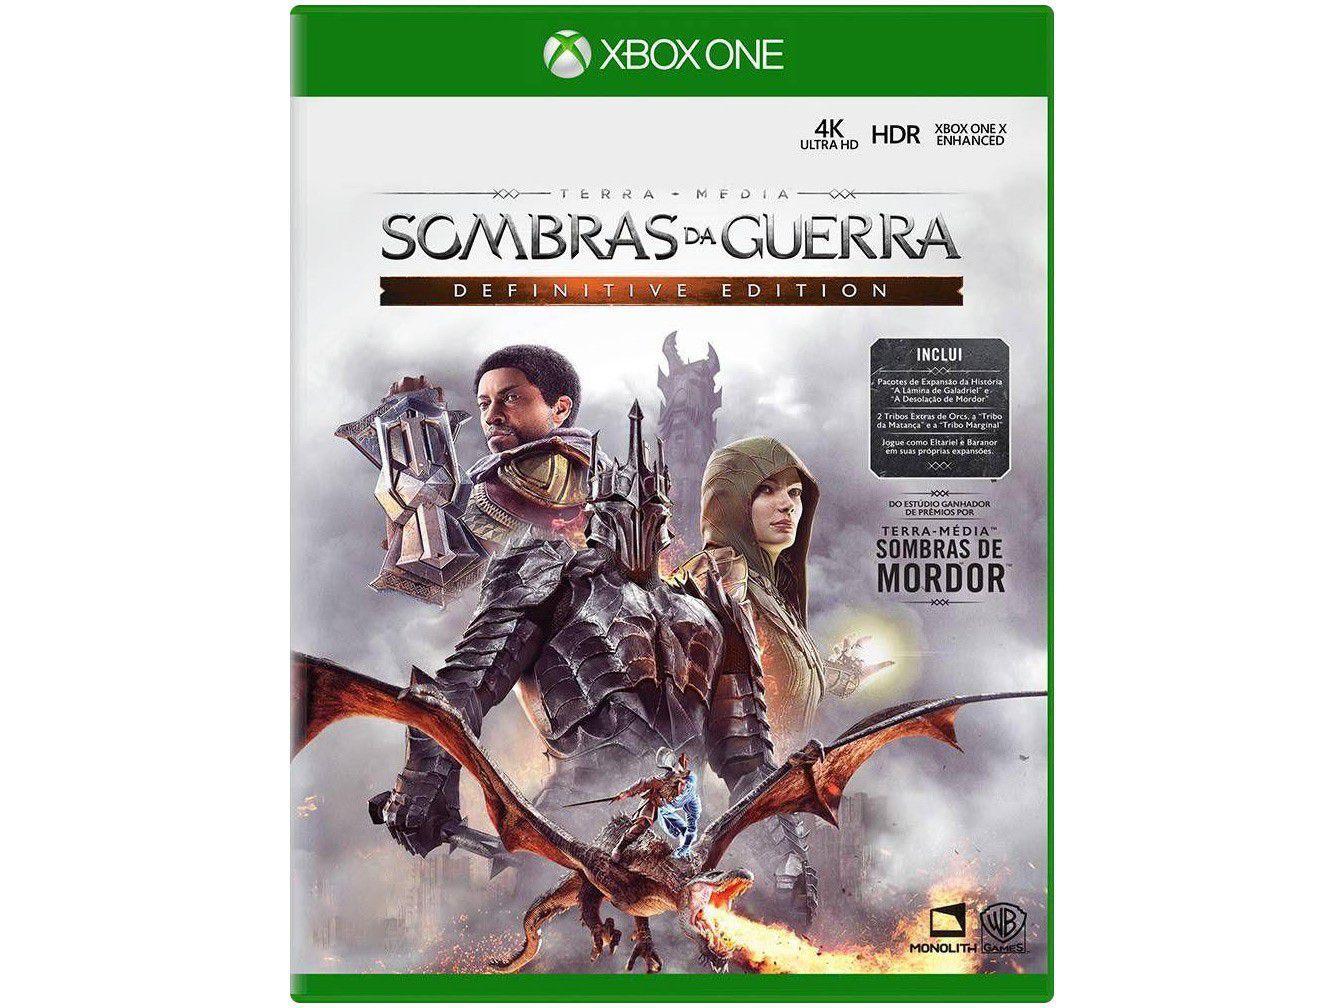 Terra-Média Sombras da Guerra para Xbox One - Monolith Definitive Edition